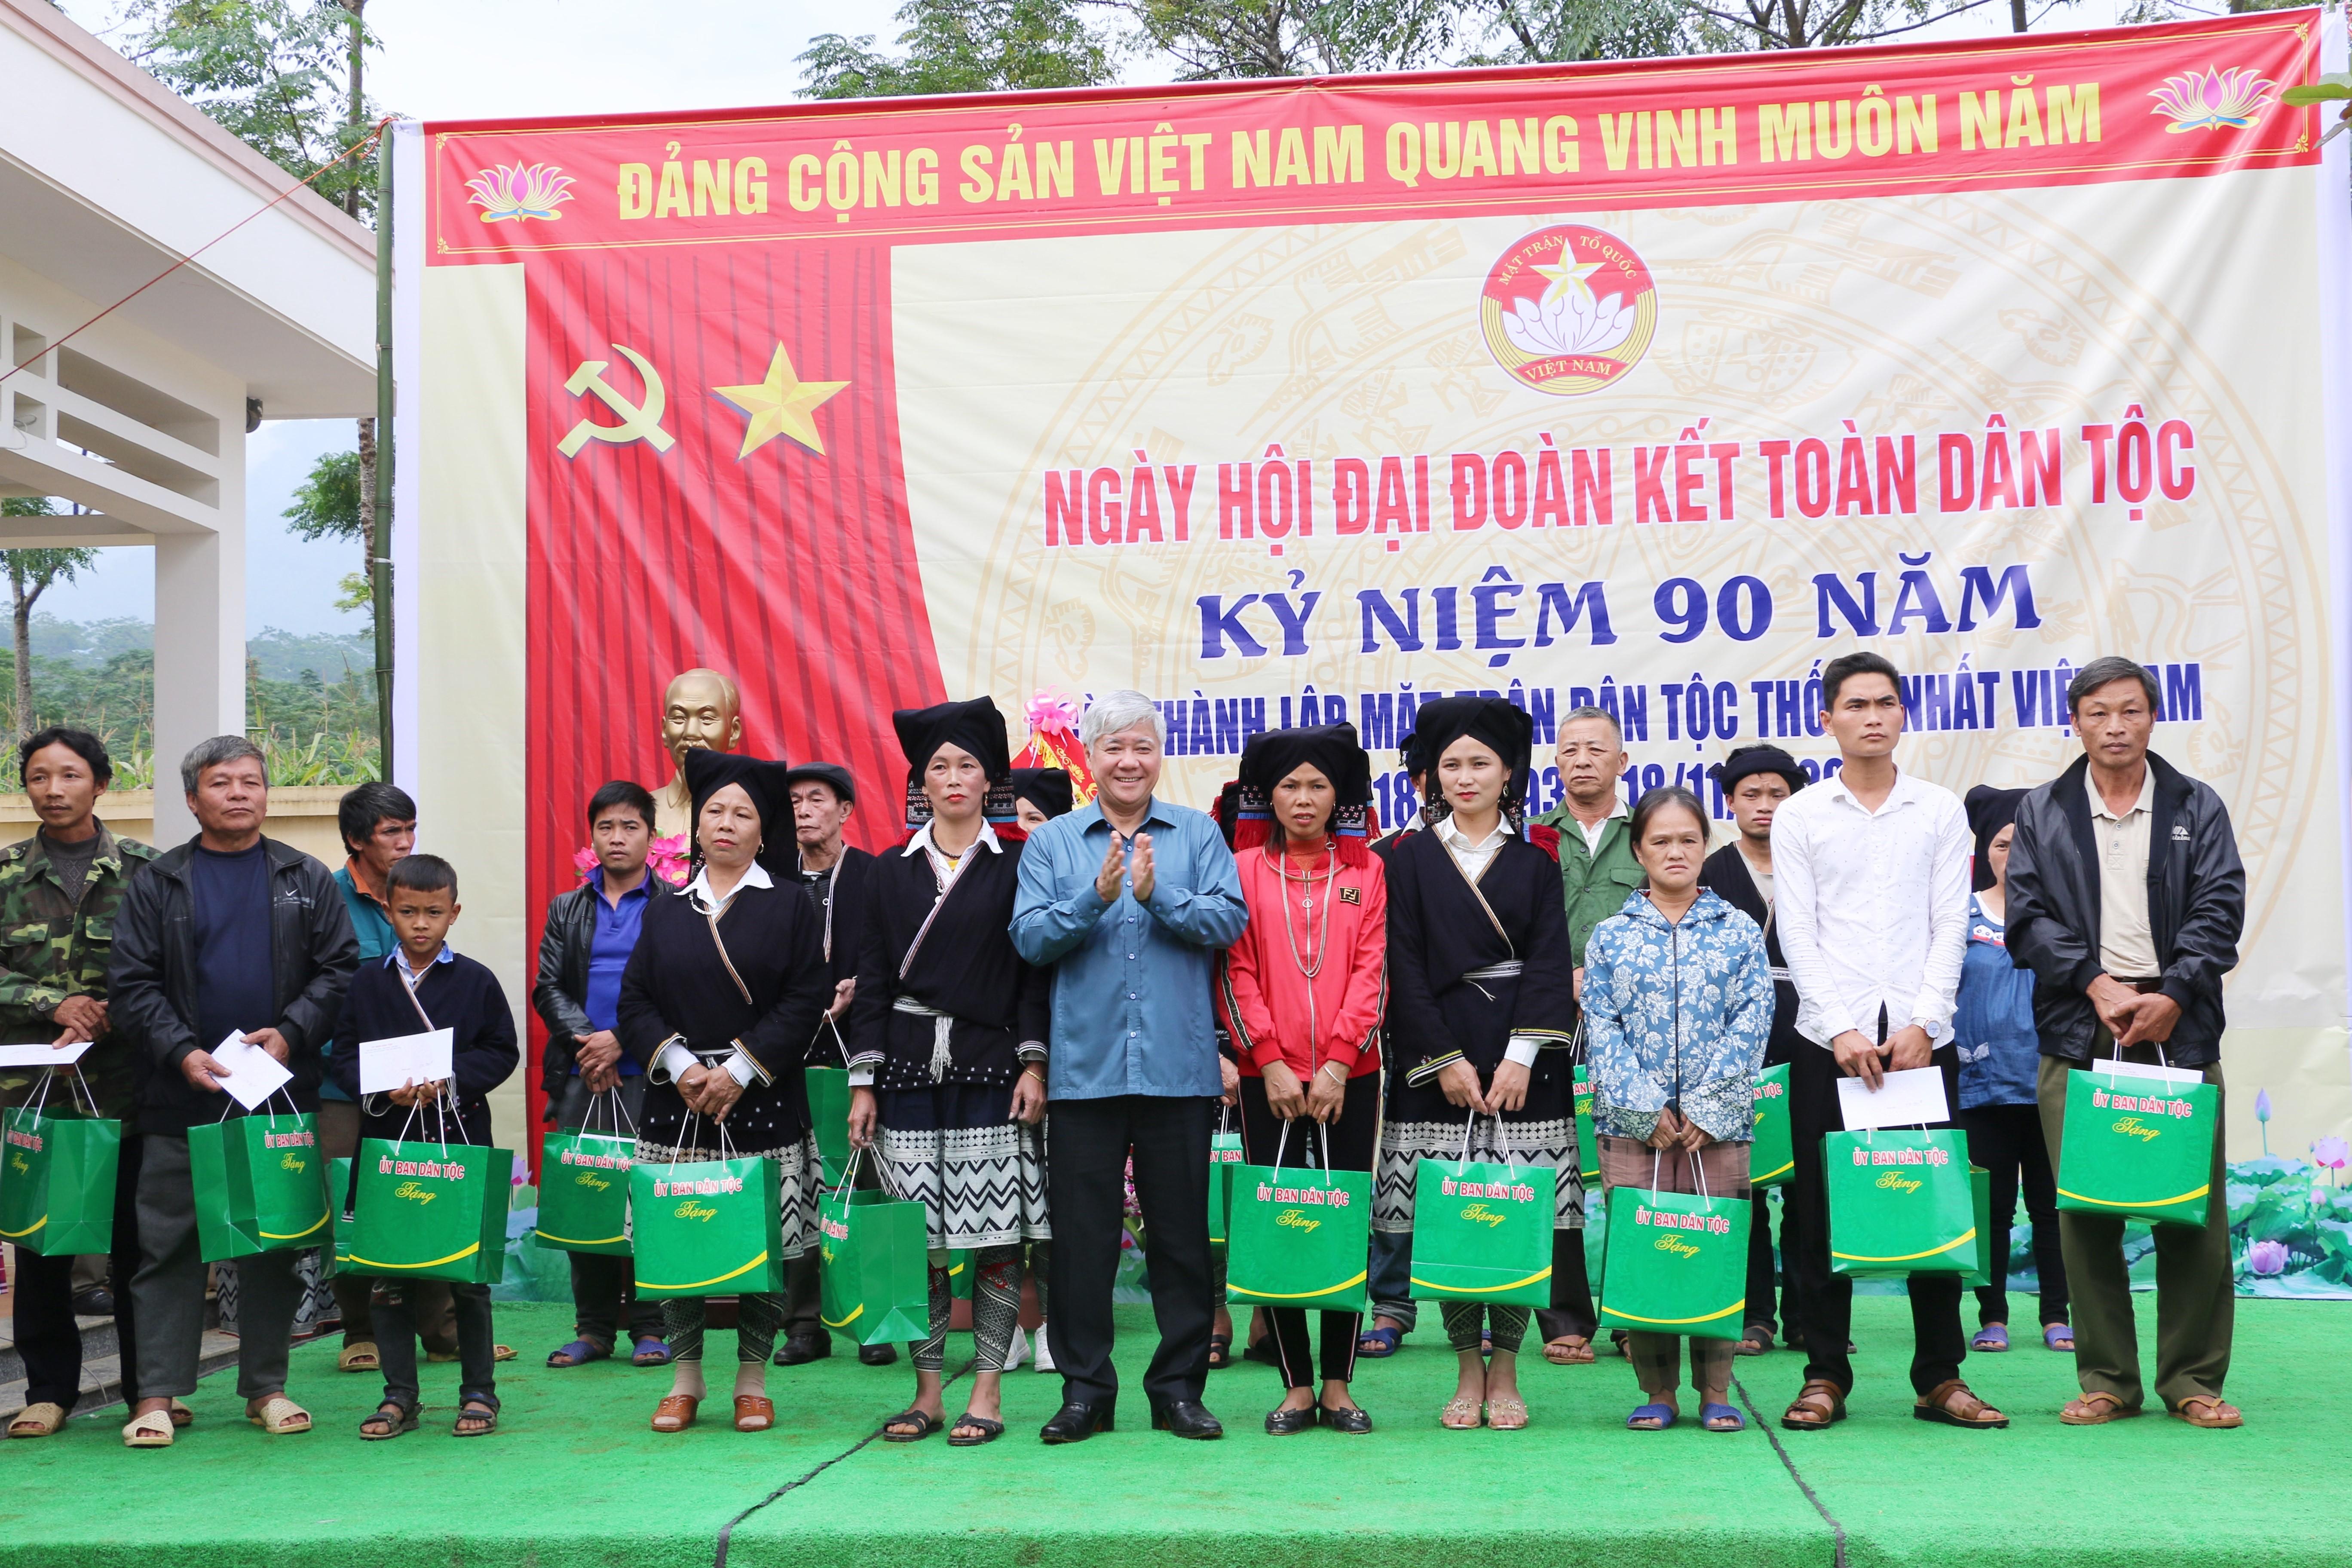 Bộ trưởng, Chủ nhiệm UBDT Đỗ Văn Chiến tặng quà cho các hộ gia đình dân tộc thiểu số ở xóm Ngù